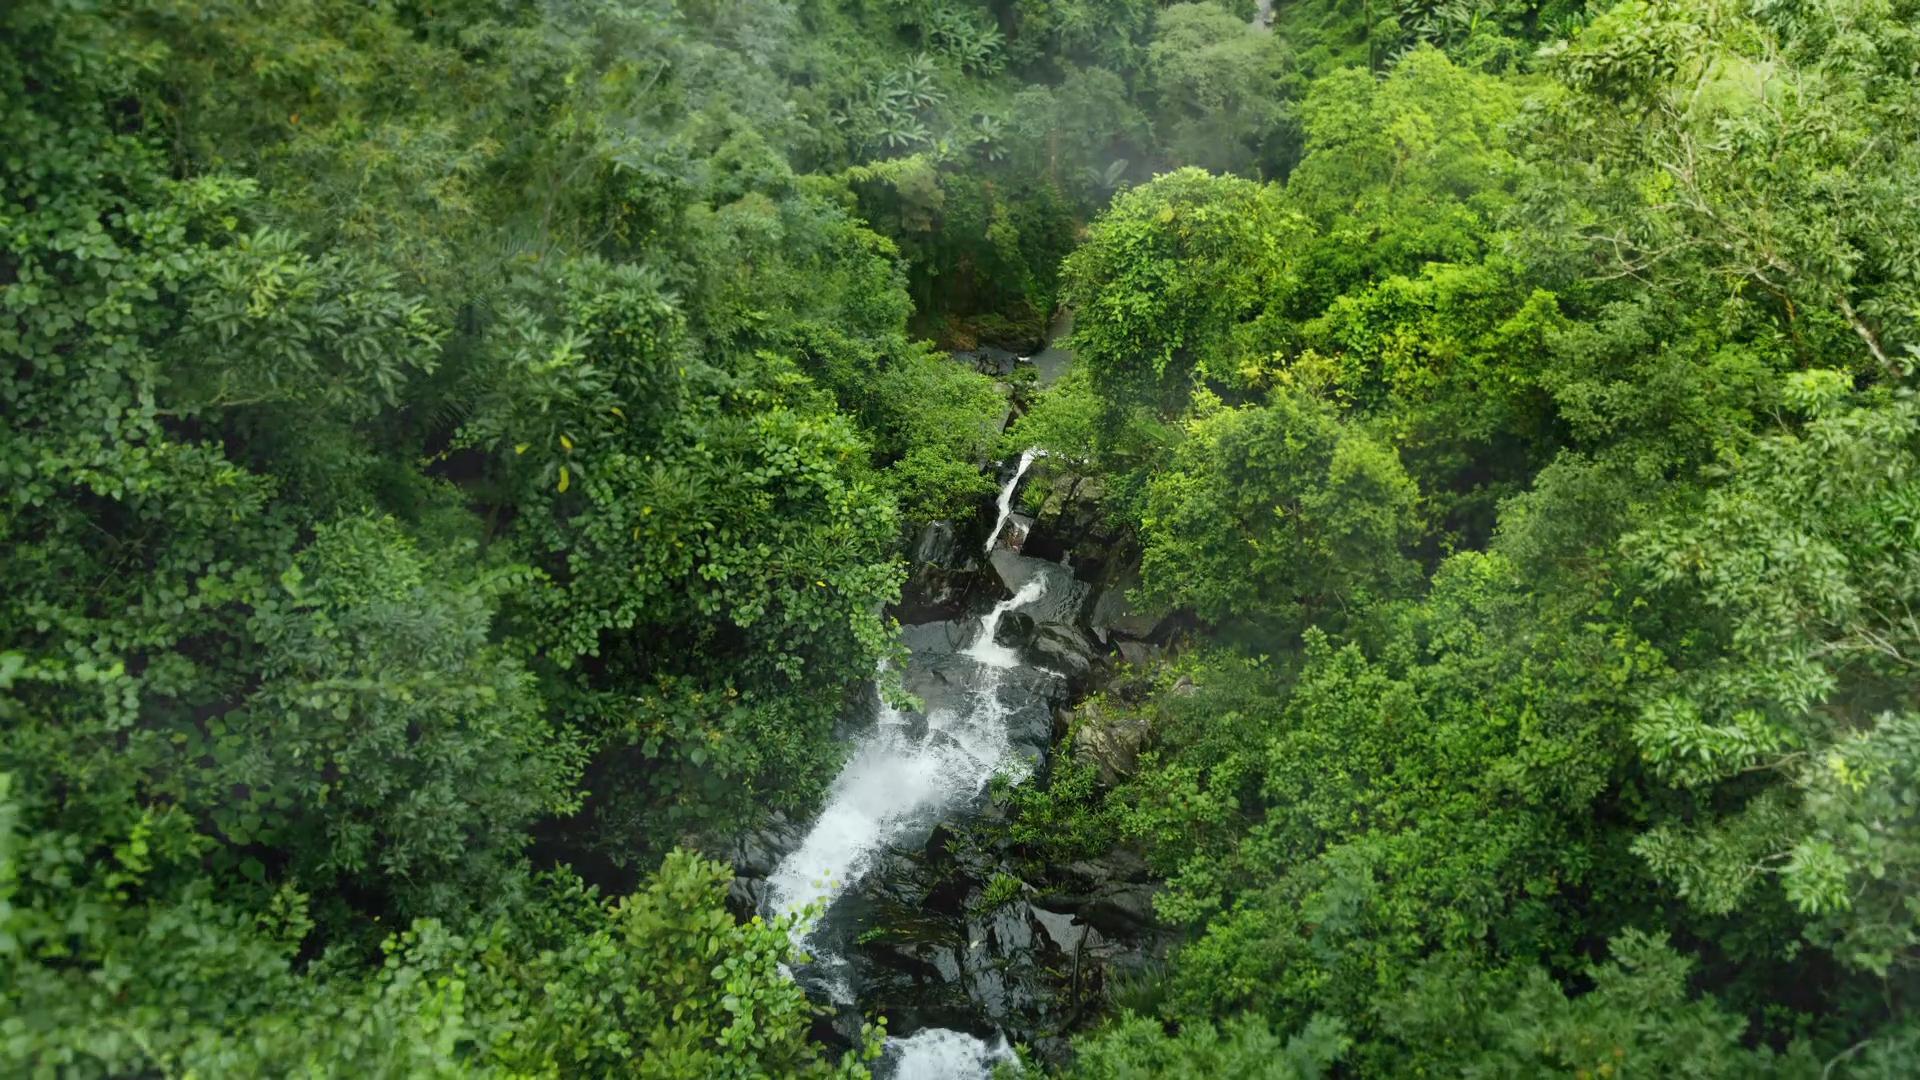 Ngọn núi lửa đã tắt ở Việt Nam mang đến nguồn nước quý cho sức khỏe - Ảnh 2.